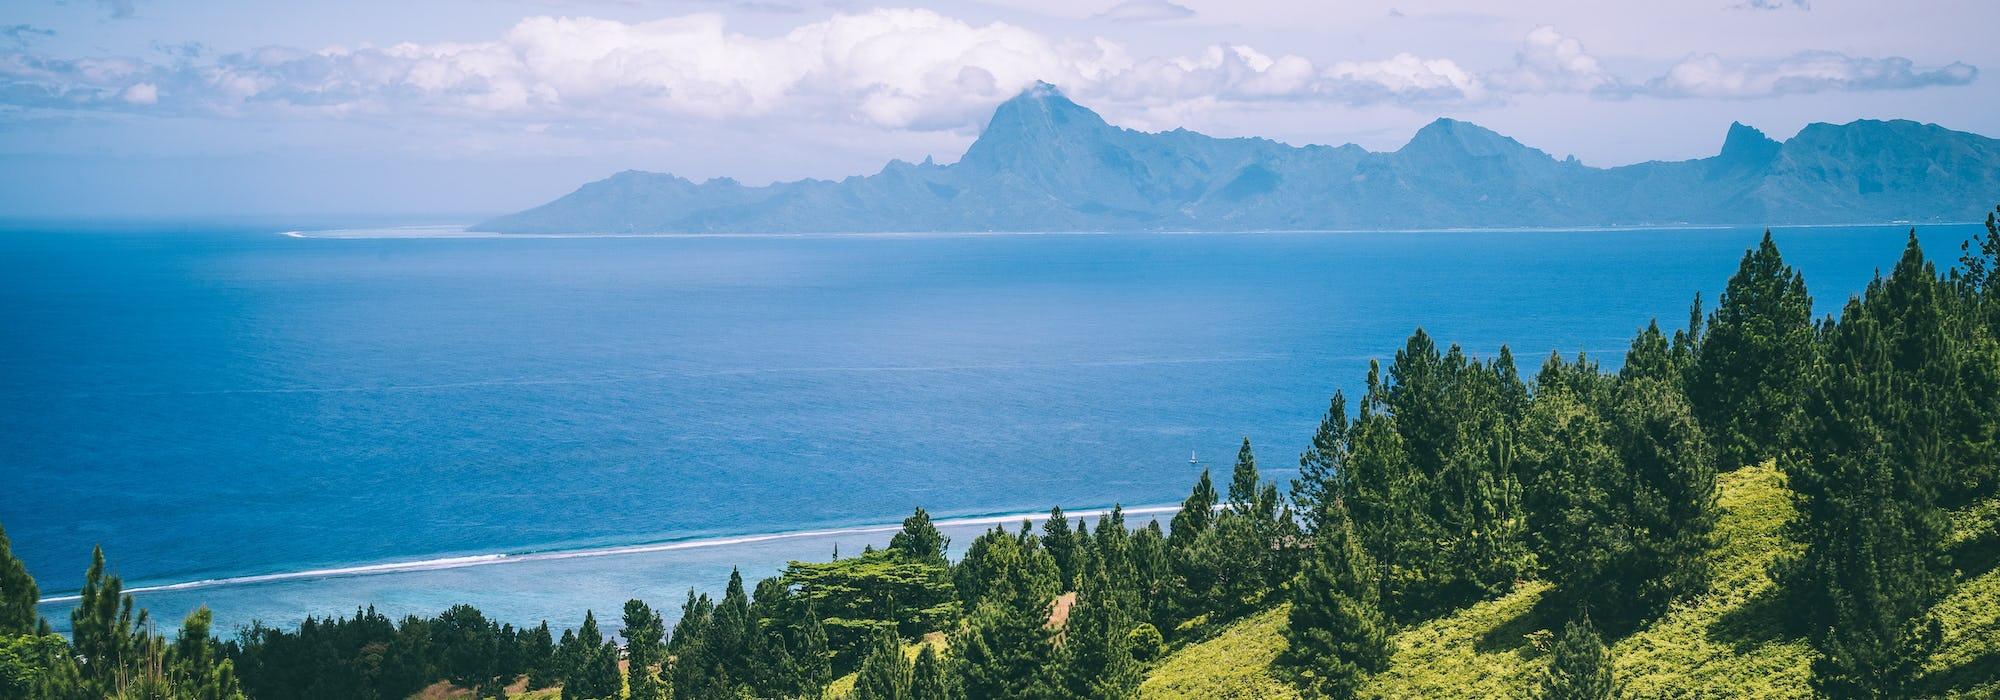 Vacker natur på Papeete med skog, hav och berg i horisonten.